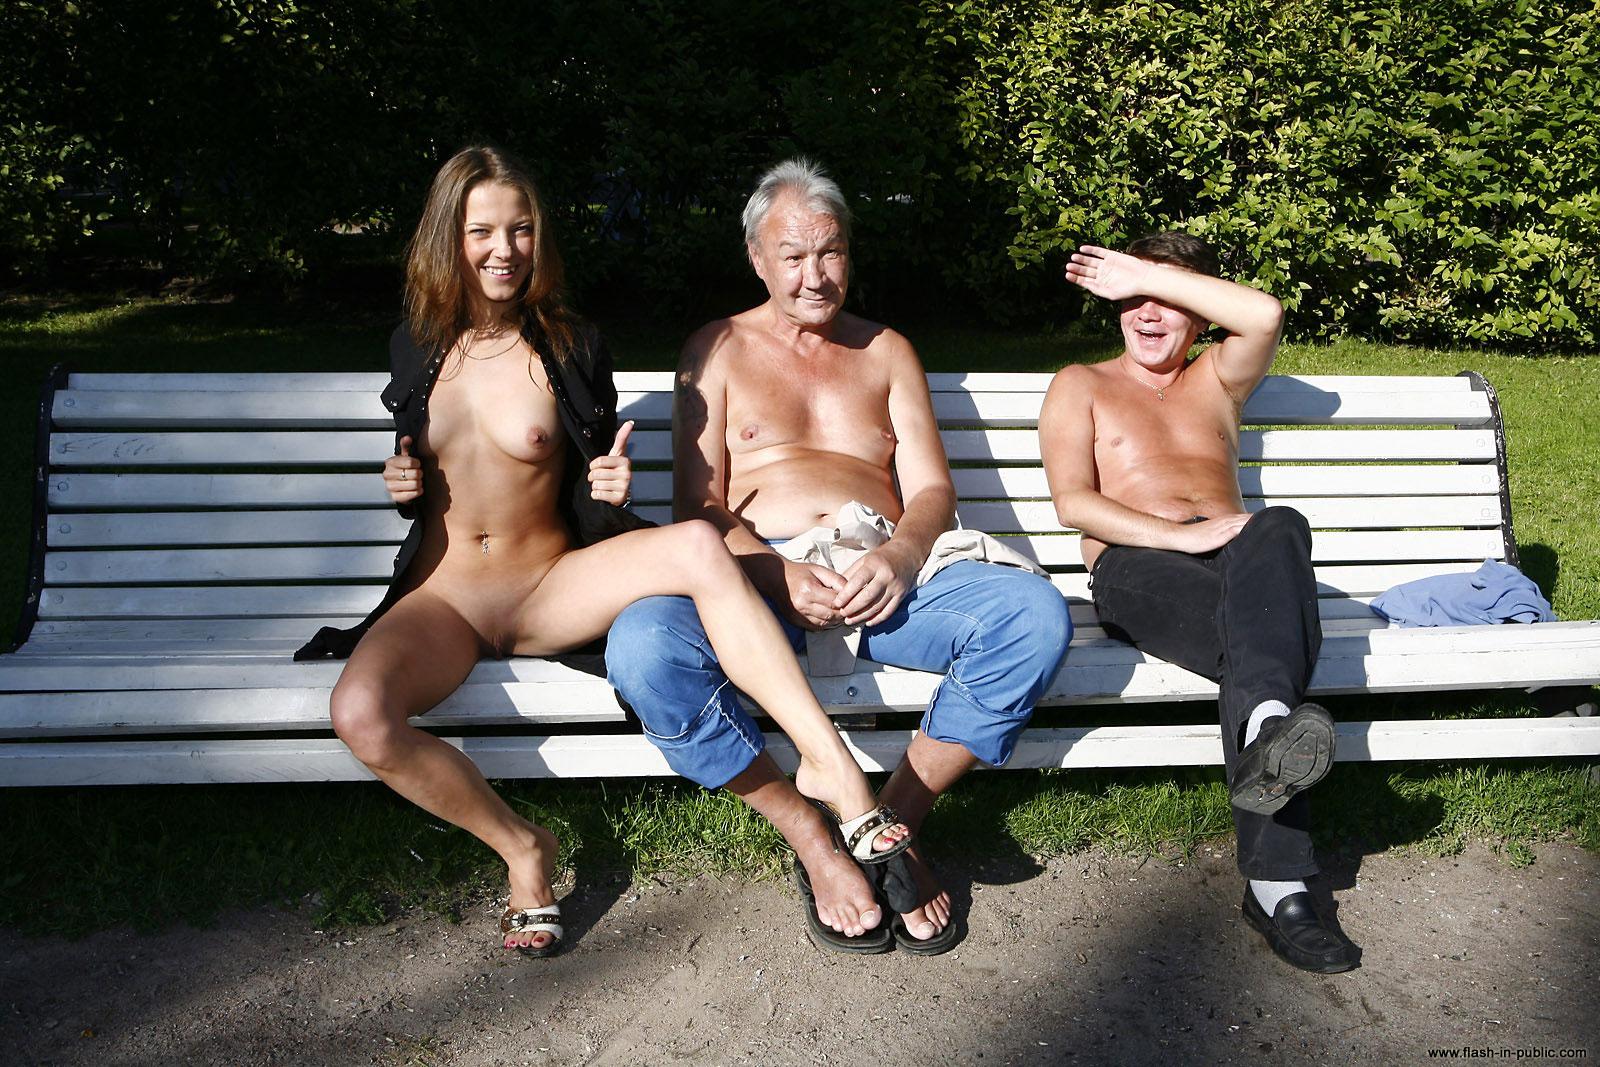 yanina-m-nude-walk-around-the-town-flash-in-public-47